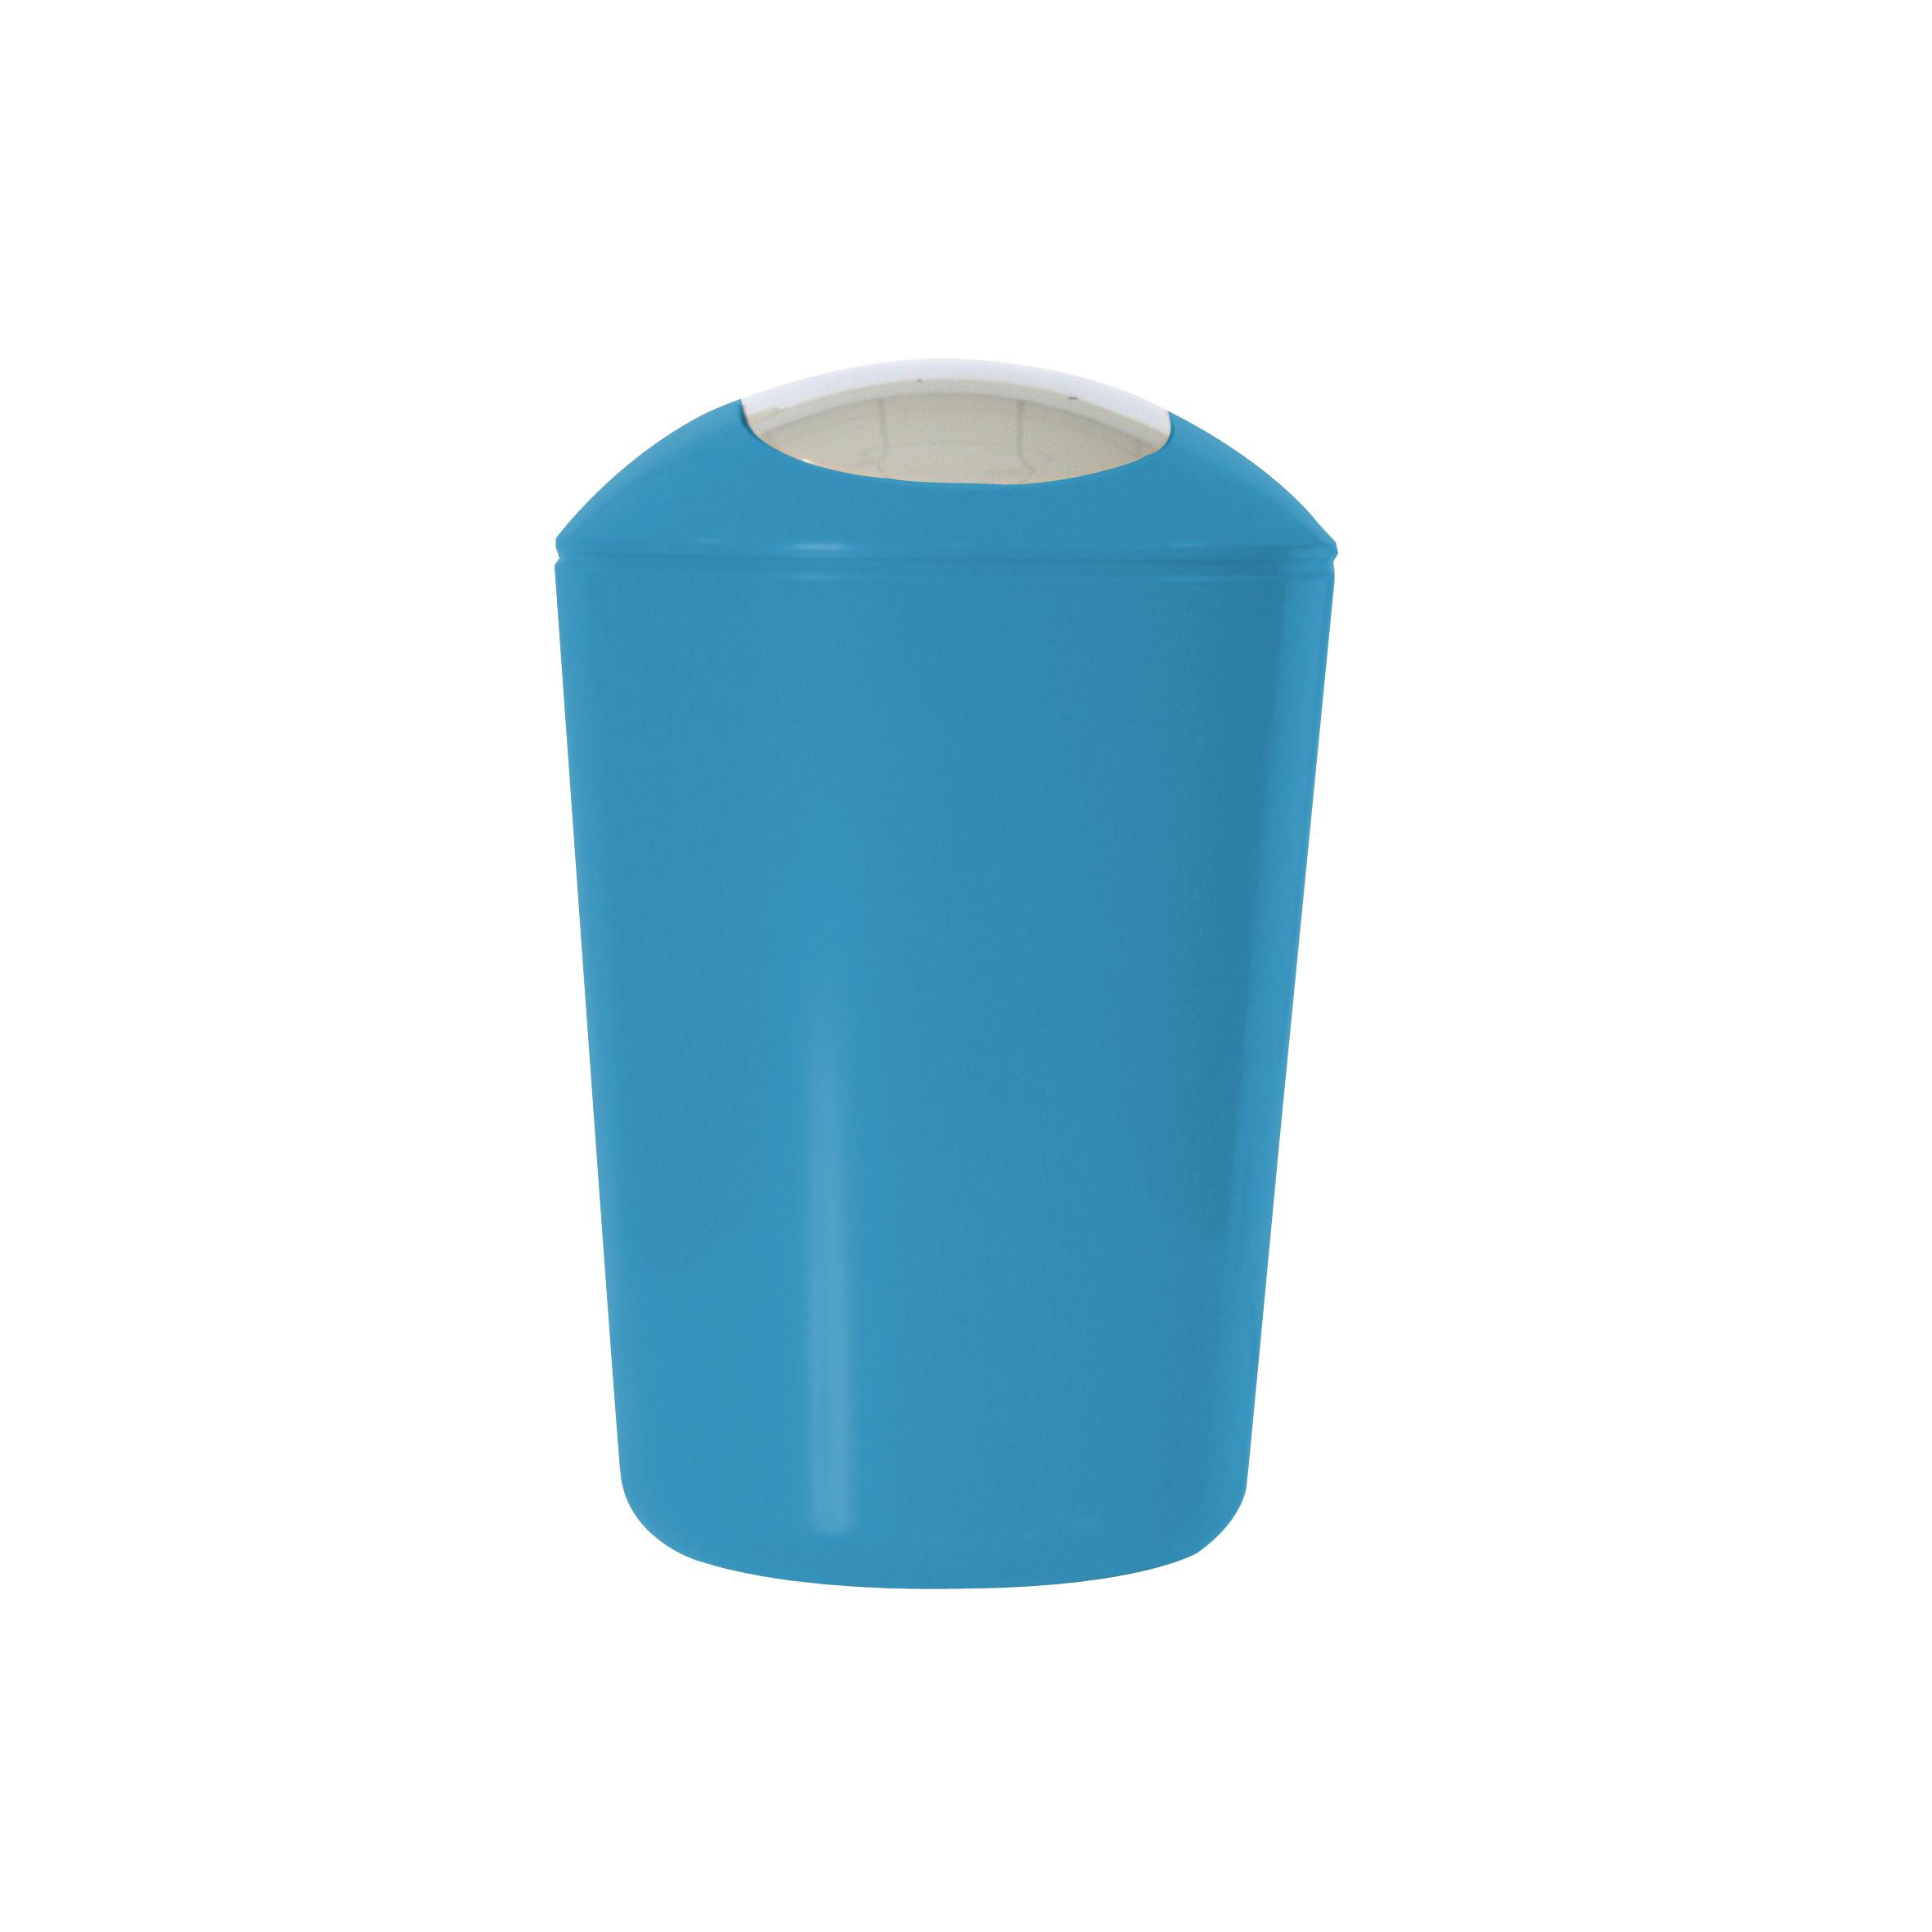 Ведро для мусора Axentia, с крышкой, цвет: синий, хром, 5 л251082Глянцевое ведро для мусора Axentia, выполненное из высококачественного износостойкого пластика, оснащено хромированную крышку типа «качели». Подходит для использования в ванной комнате или на кухне. Стильный дизайн и яркая расцветка прекрасно подойдет для любого интерьера ванной комнаты или кухни. Размер ведра: 20 х 20 х 30 см.Объем ведра: 5 л.